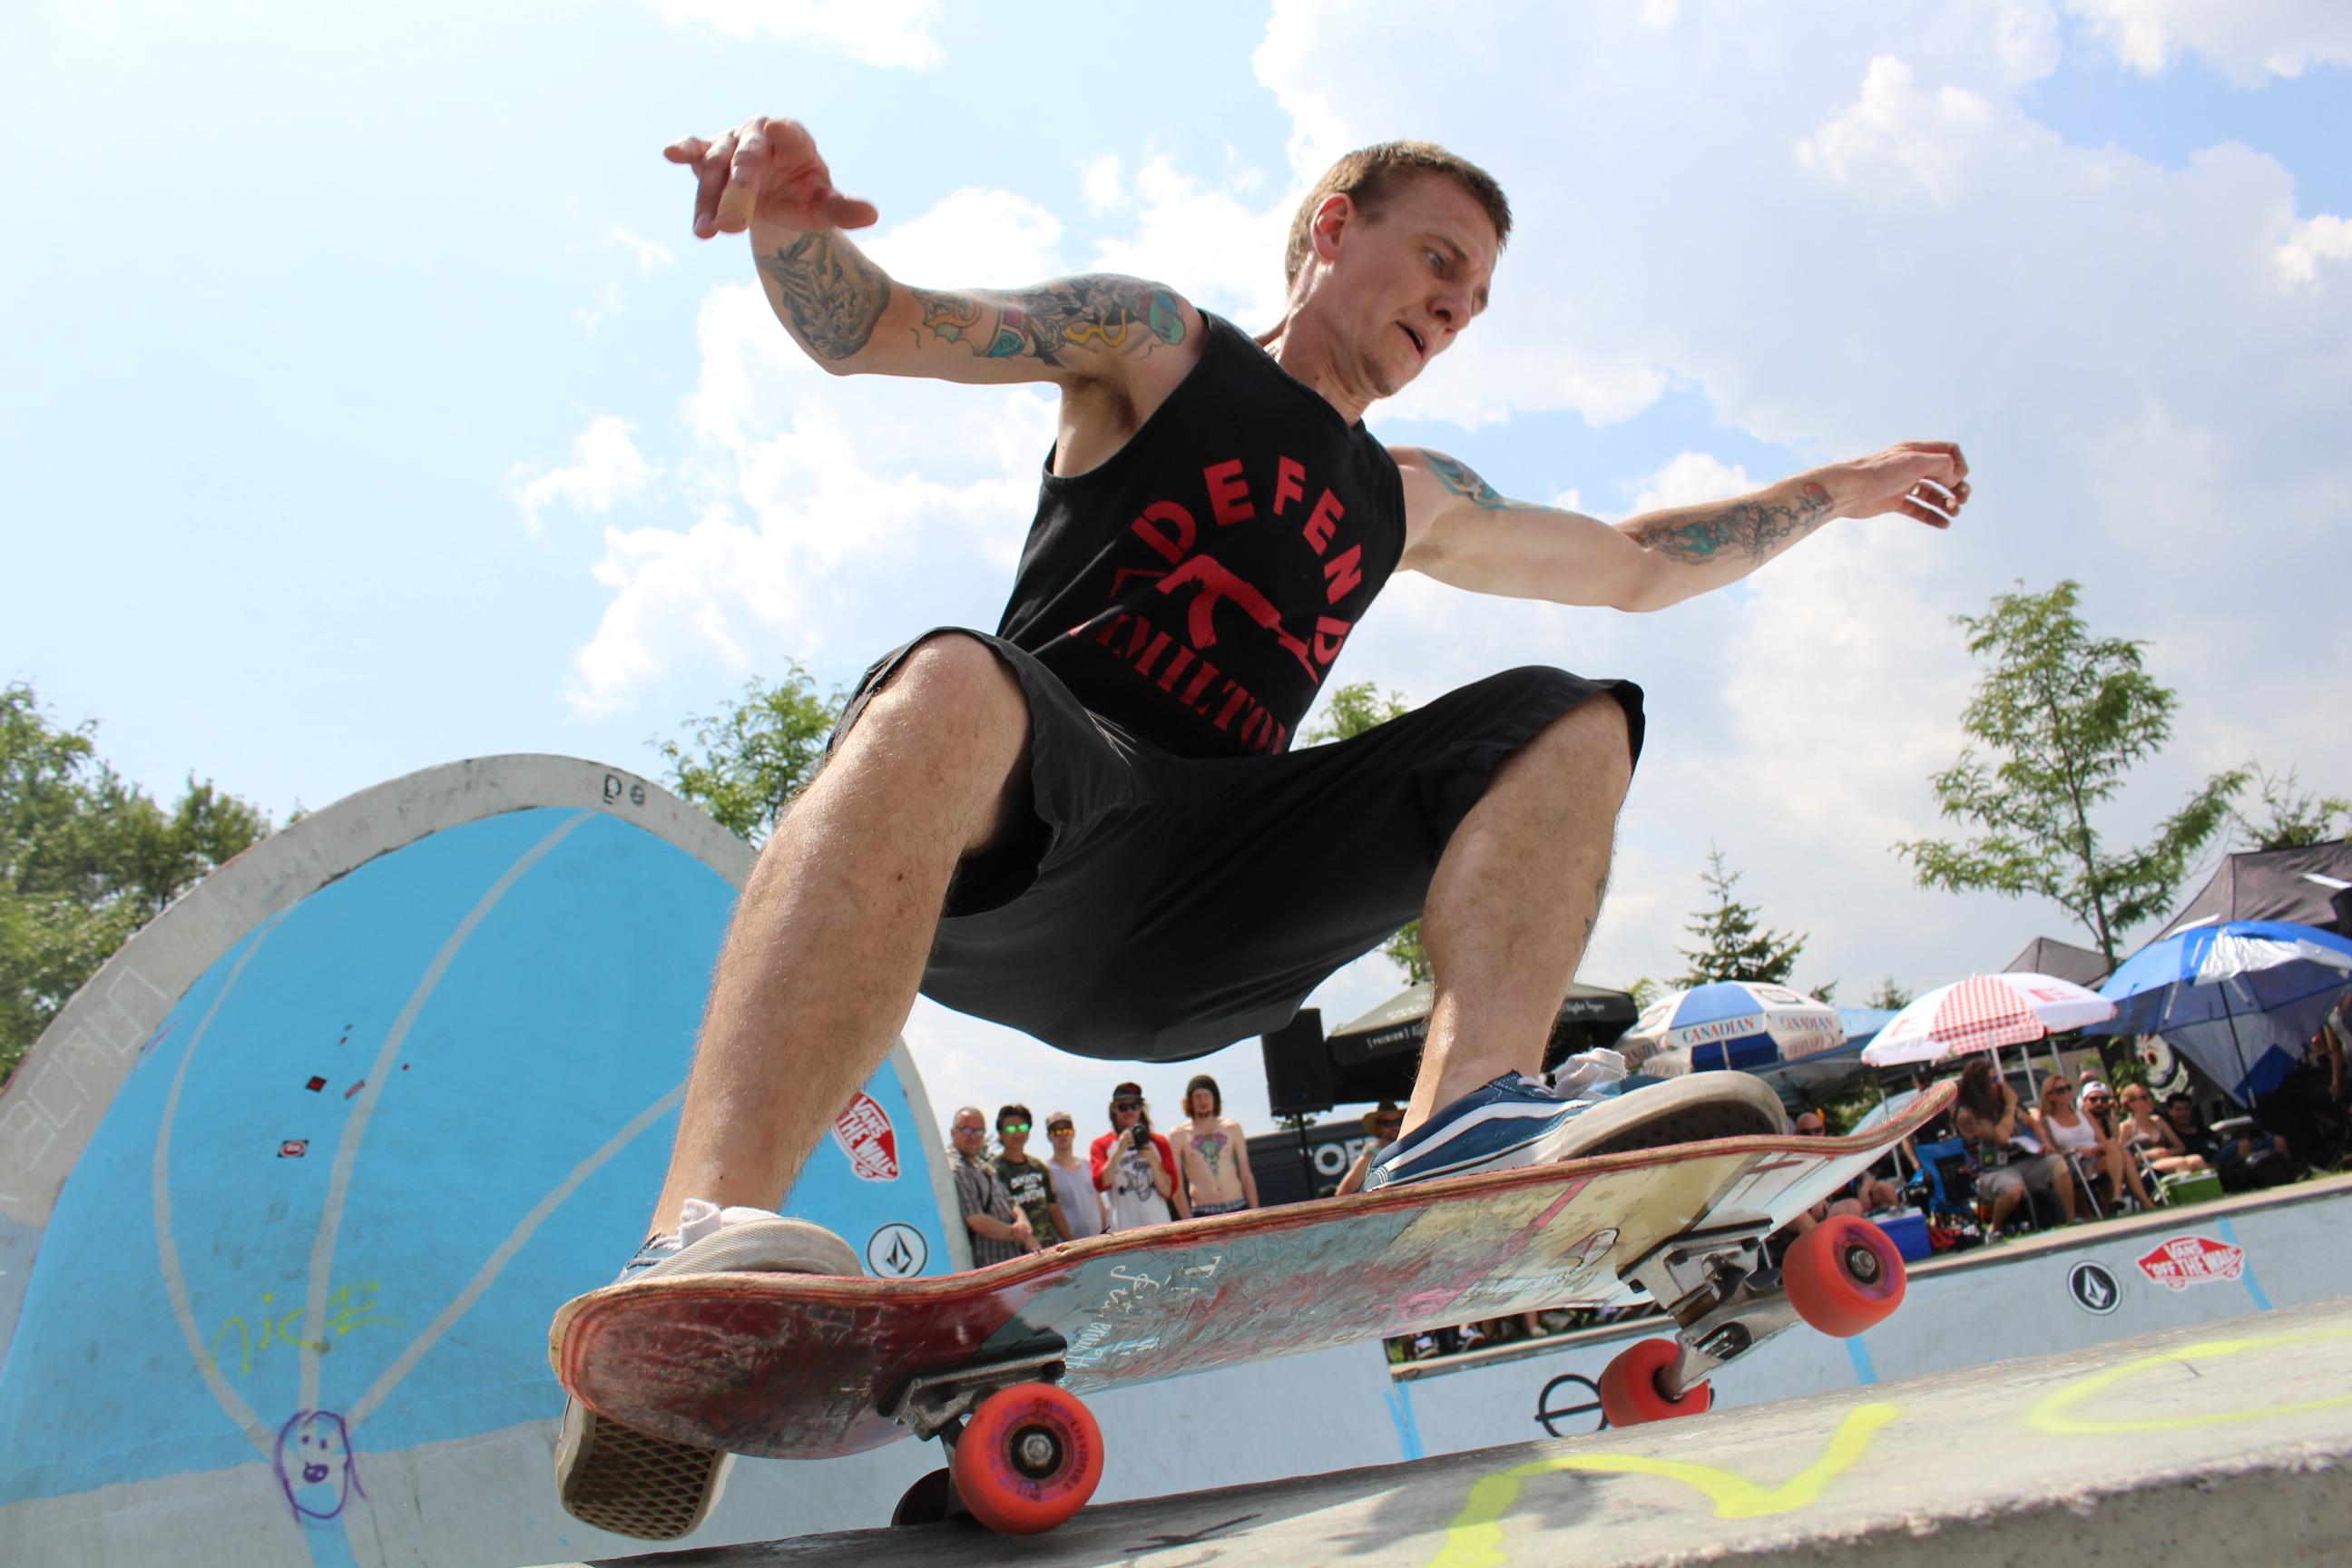 skater, sk8er boi, skating dad